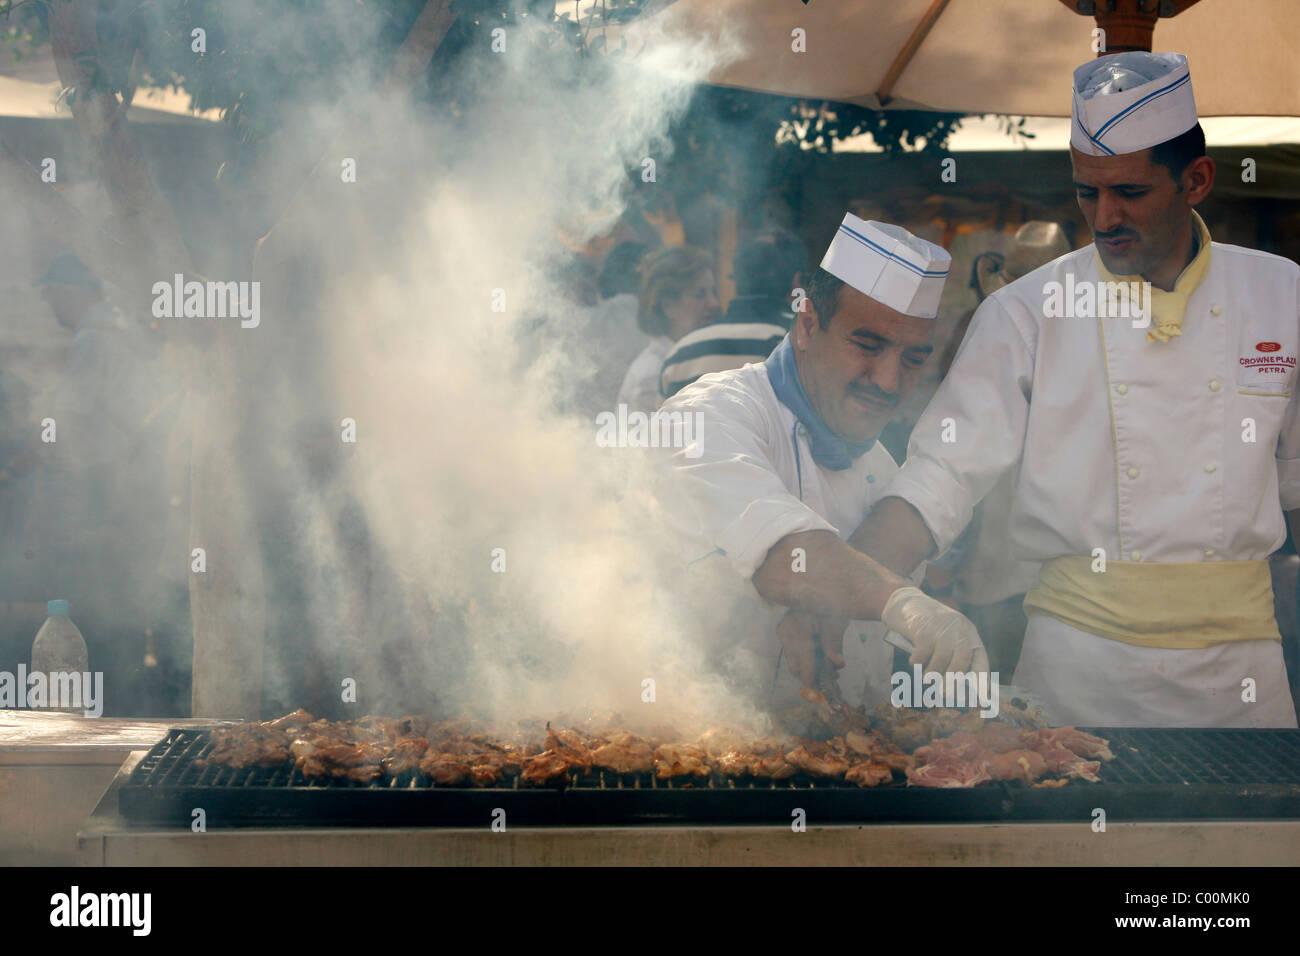 Cook au restaurant du bassin prepearing poulet grillé, Petra, Jordanie. Photo Stock